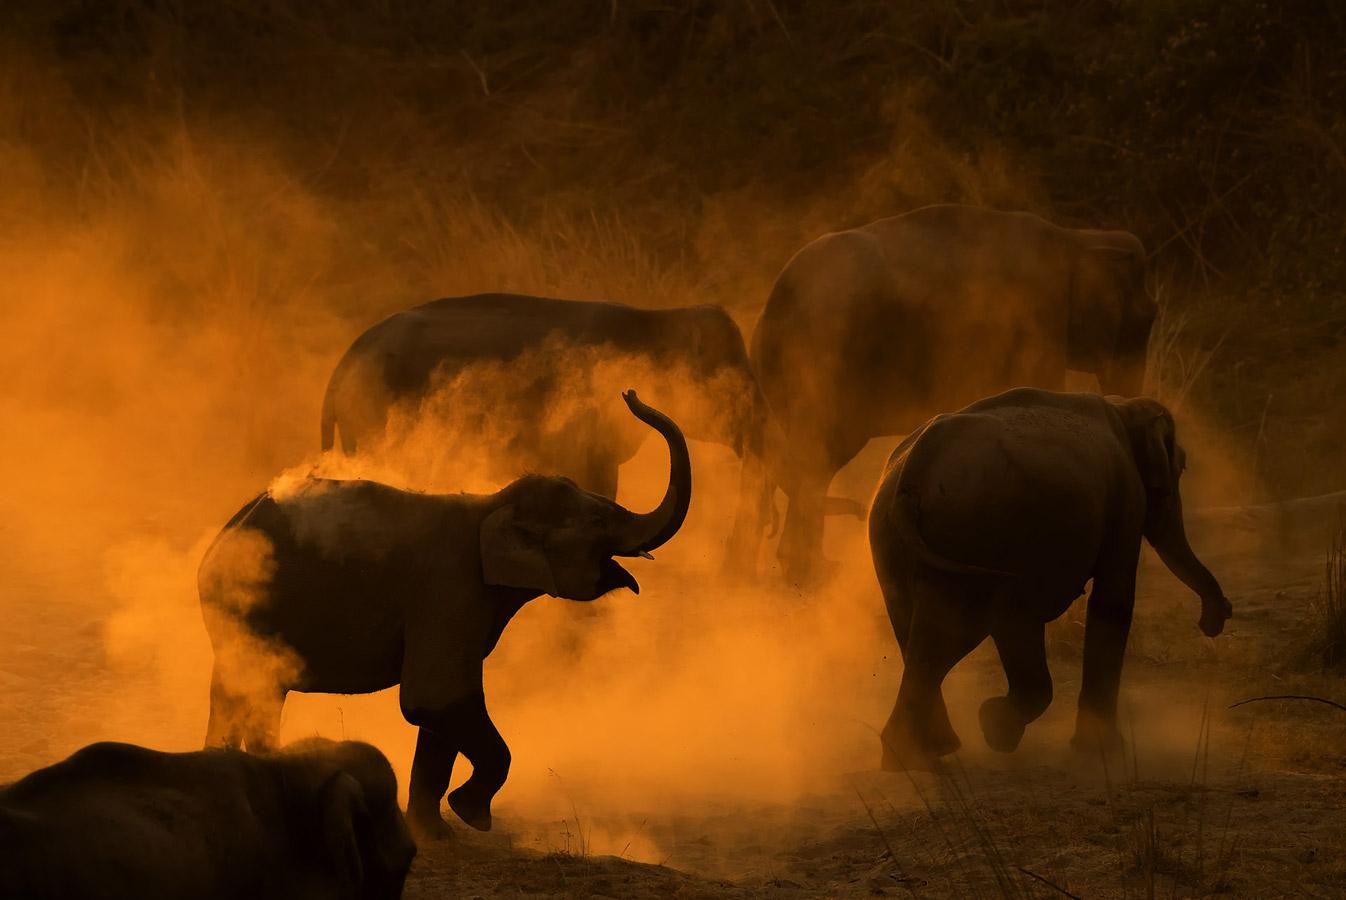 Шиванг Мехта / Shivang Mehta, Харьяна, Индия, Почётная оценка в категории «Дикая природа», Фотоконкурс «Лучшая природная фотография Азии» — Nature's Best Photography Asia